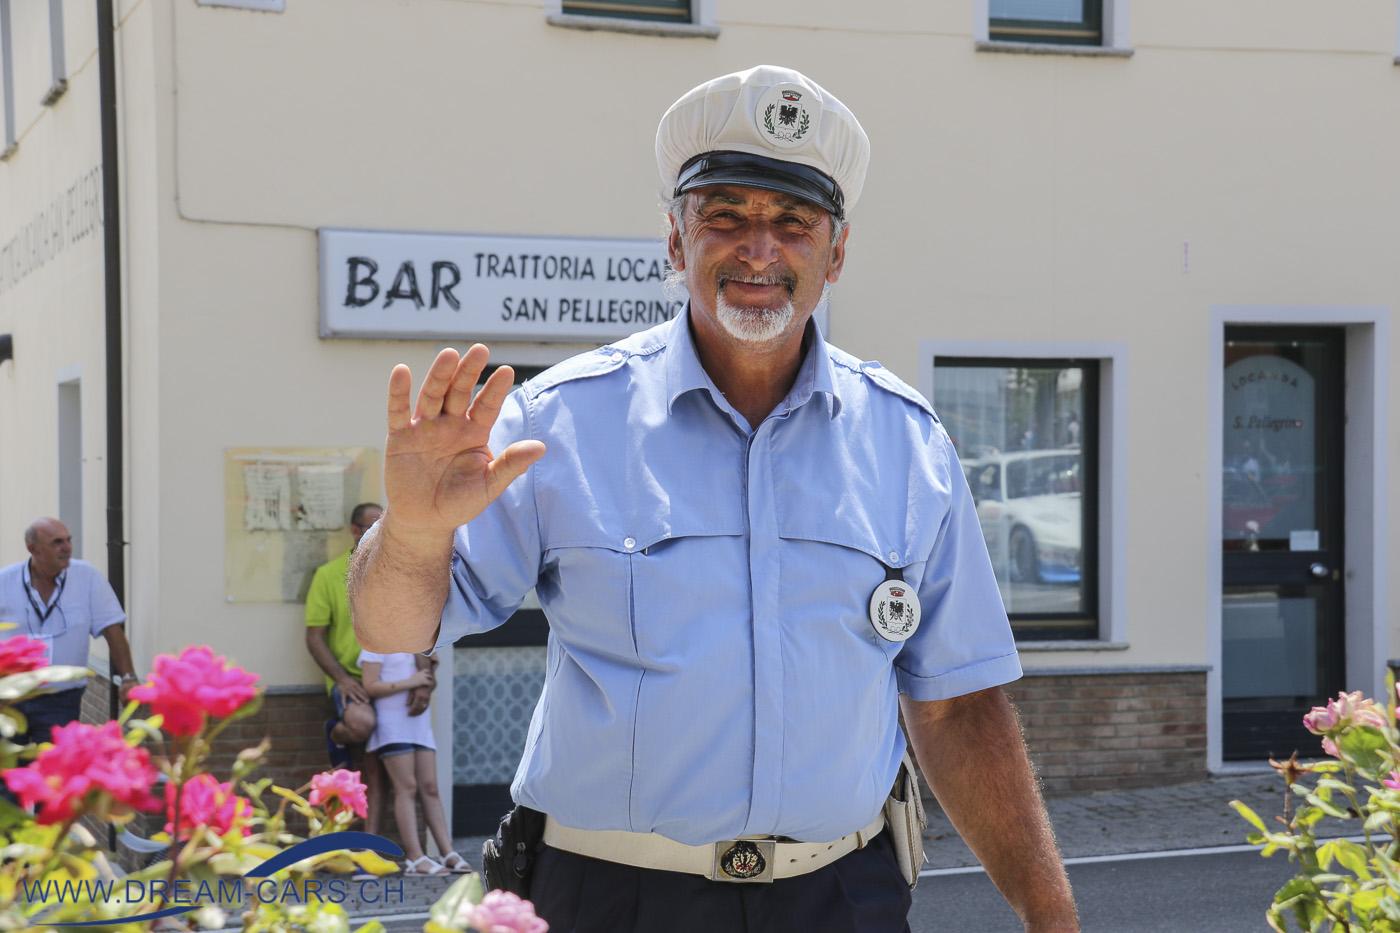 Einer der freundlichsten Polizisten in ganz Italien